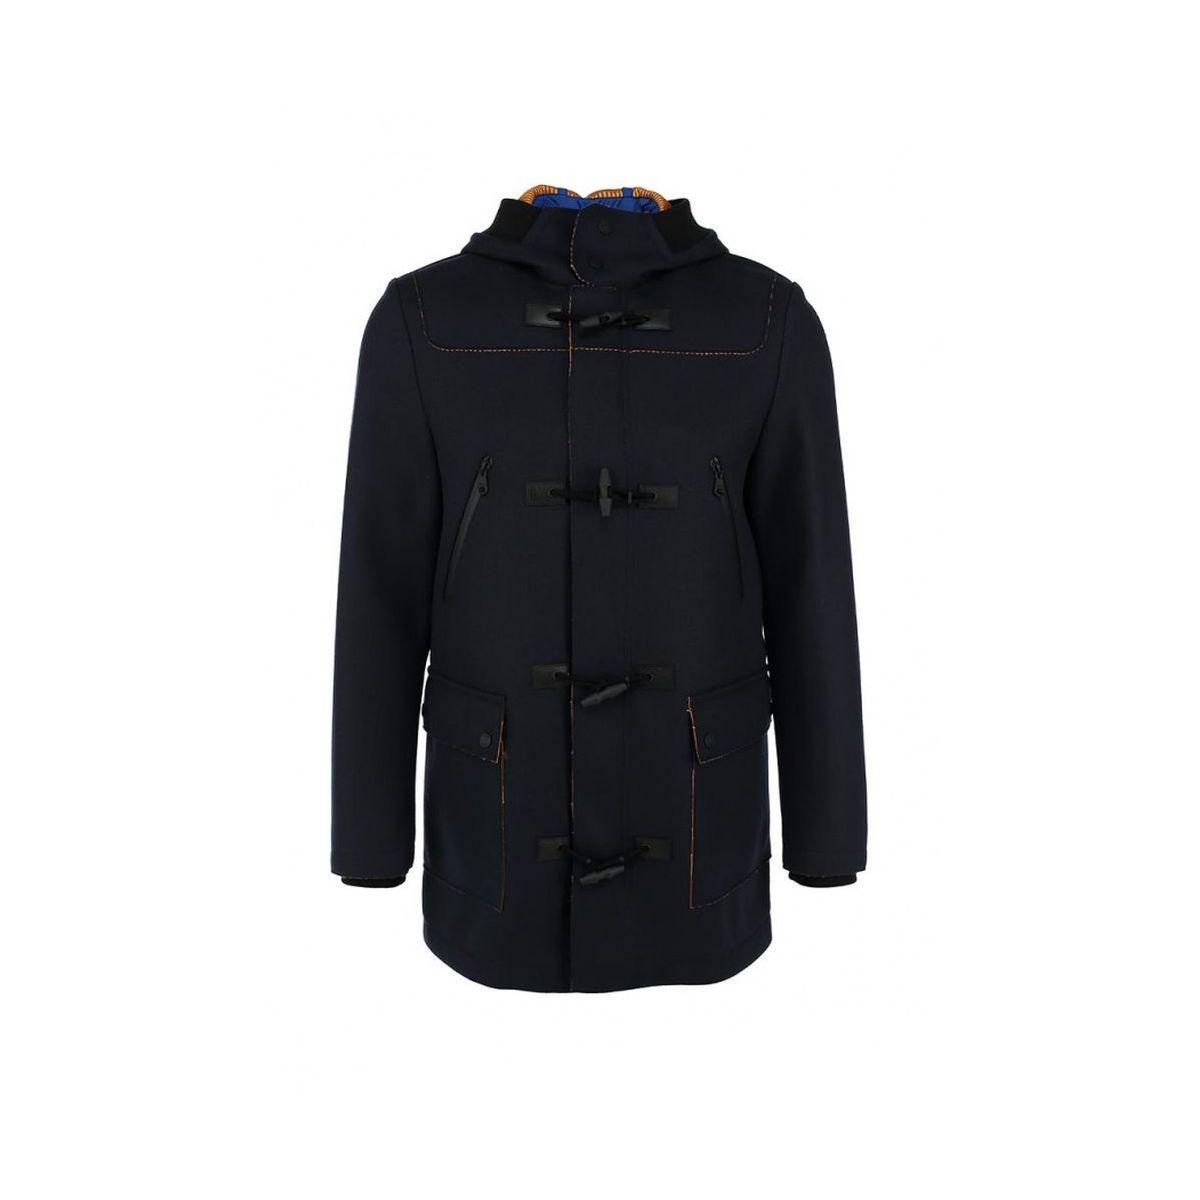 пальто мужское Geox M5415d Dk Navylt Carrot цена 8 92620 грн